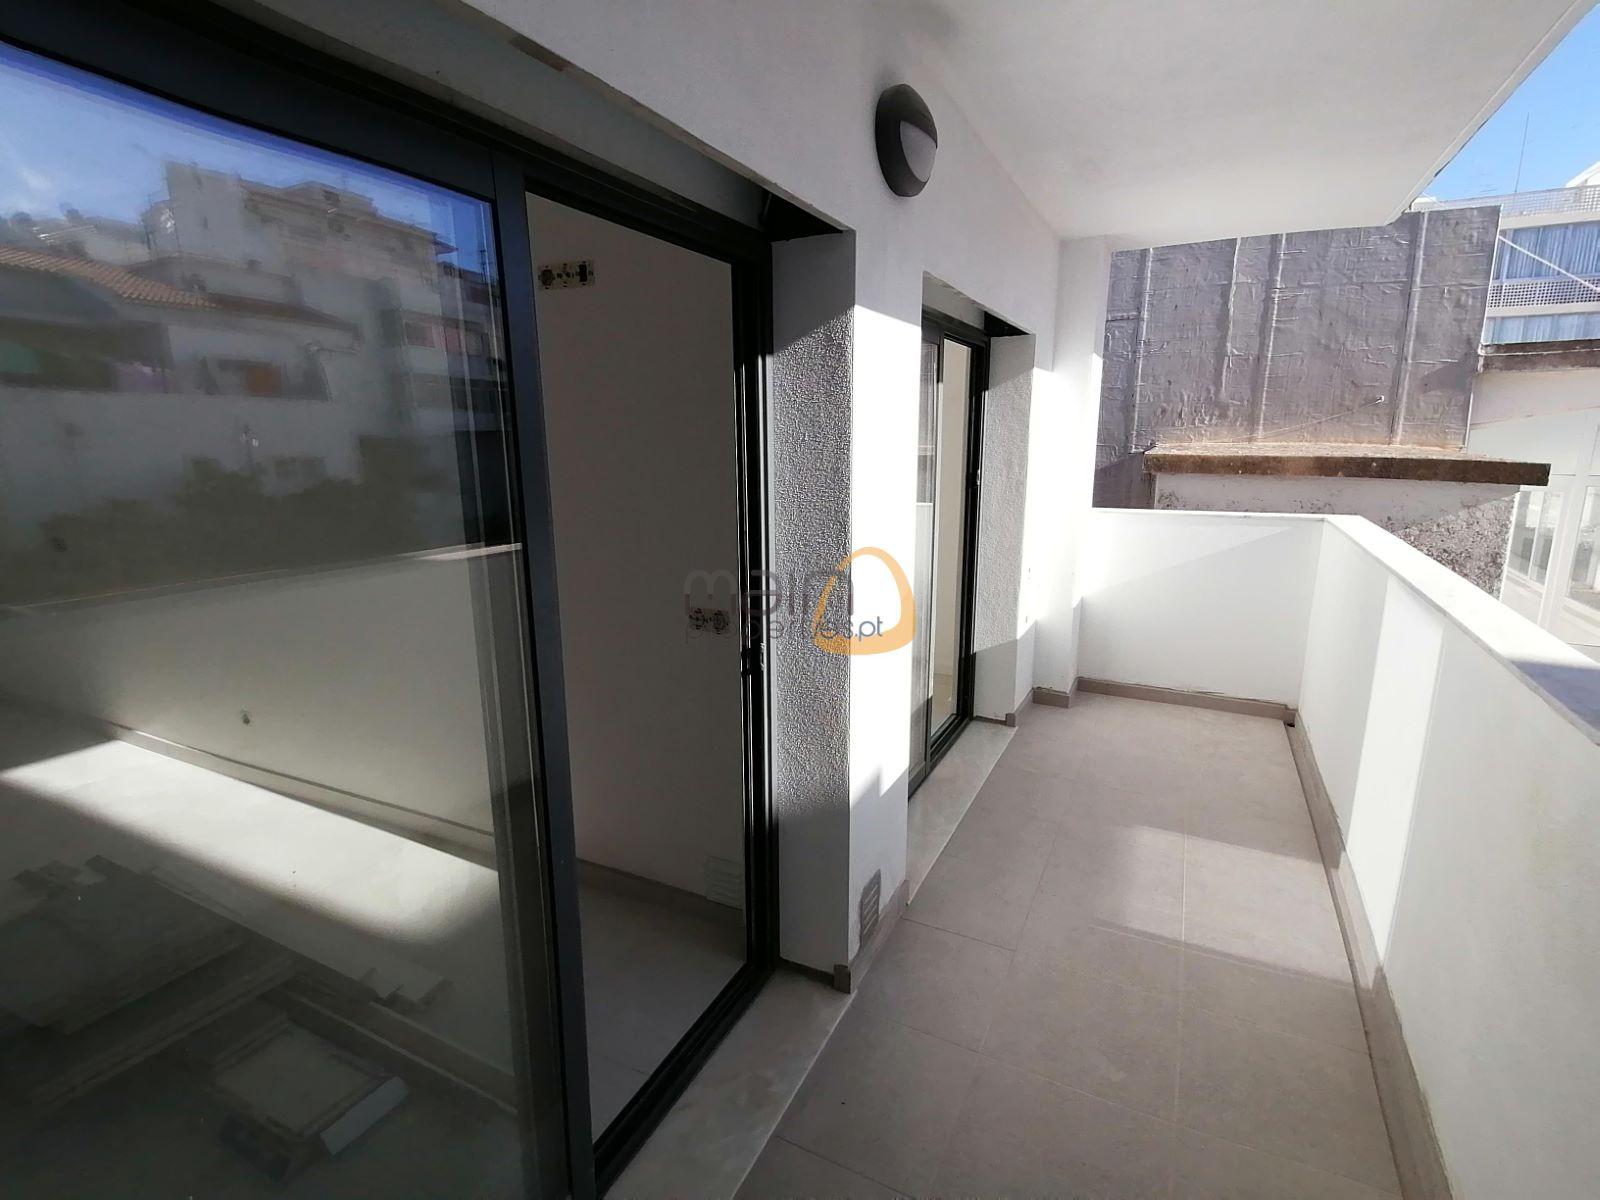 Apartamento com 2 quartos em construção no centro de Loulé PC326